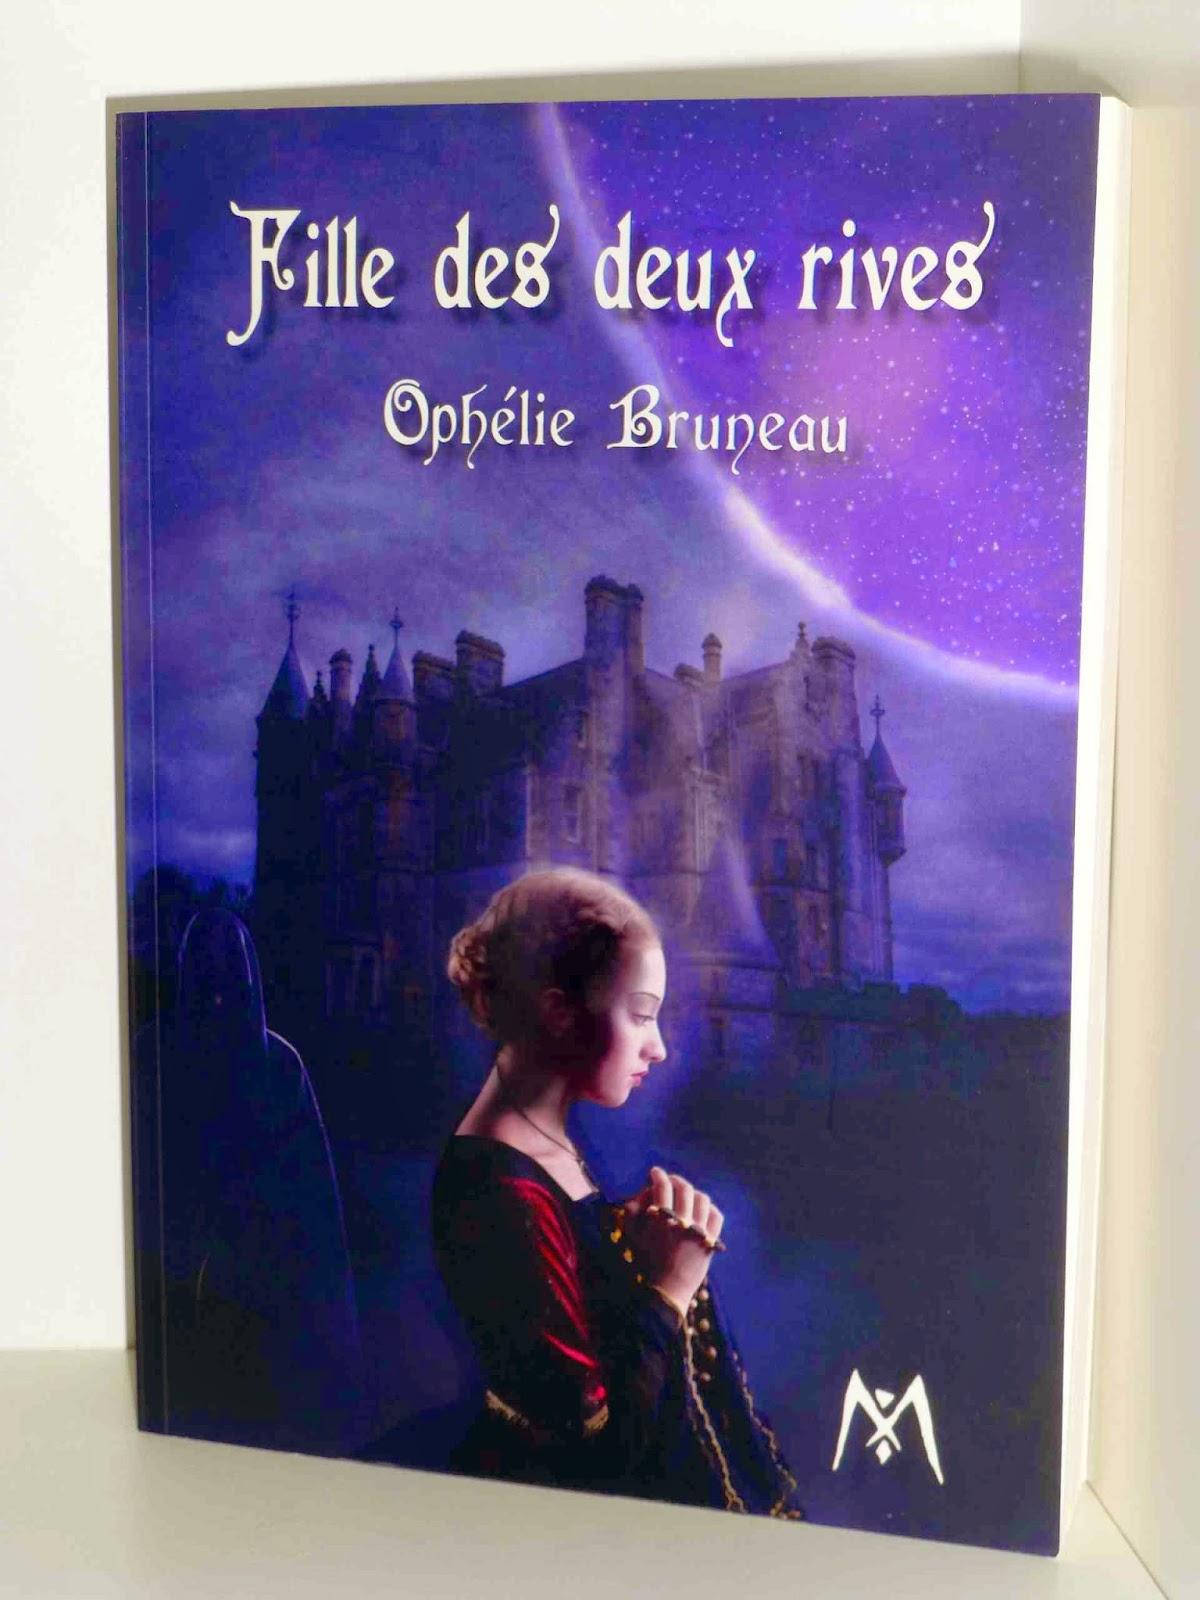 Ophélie Bruneau